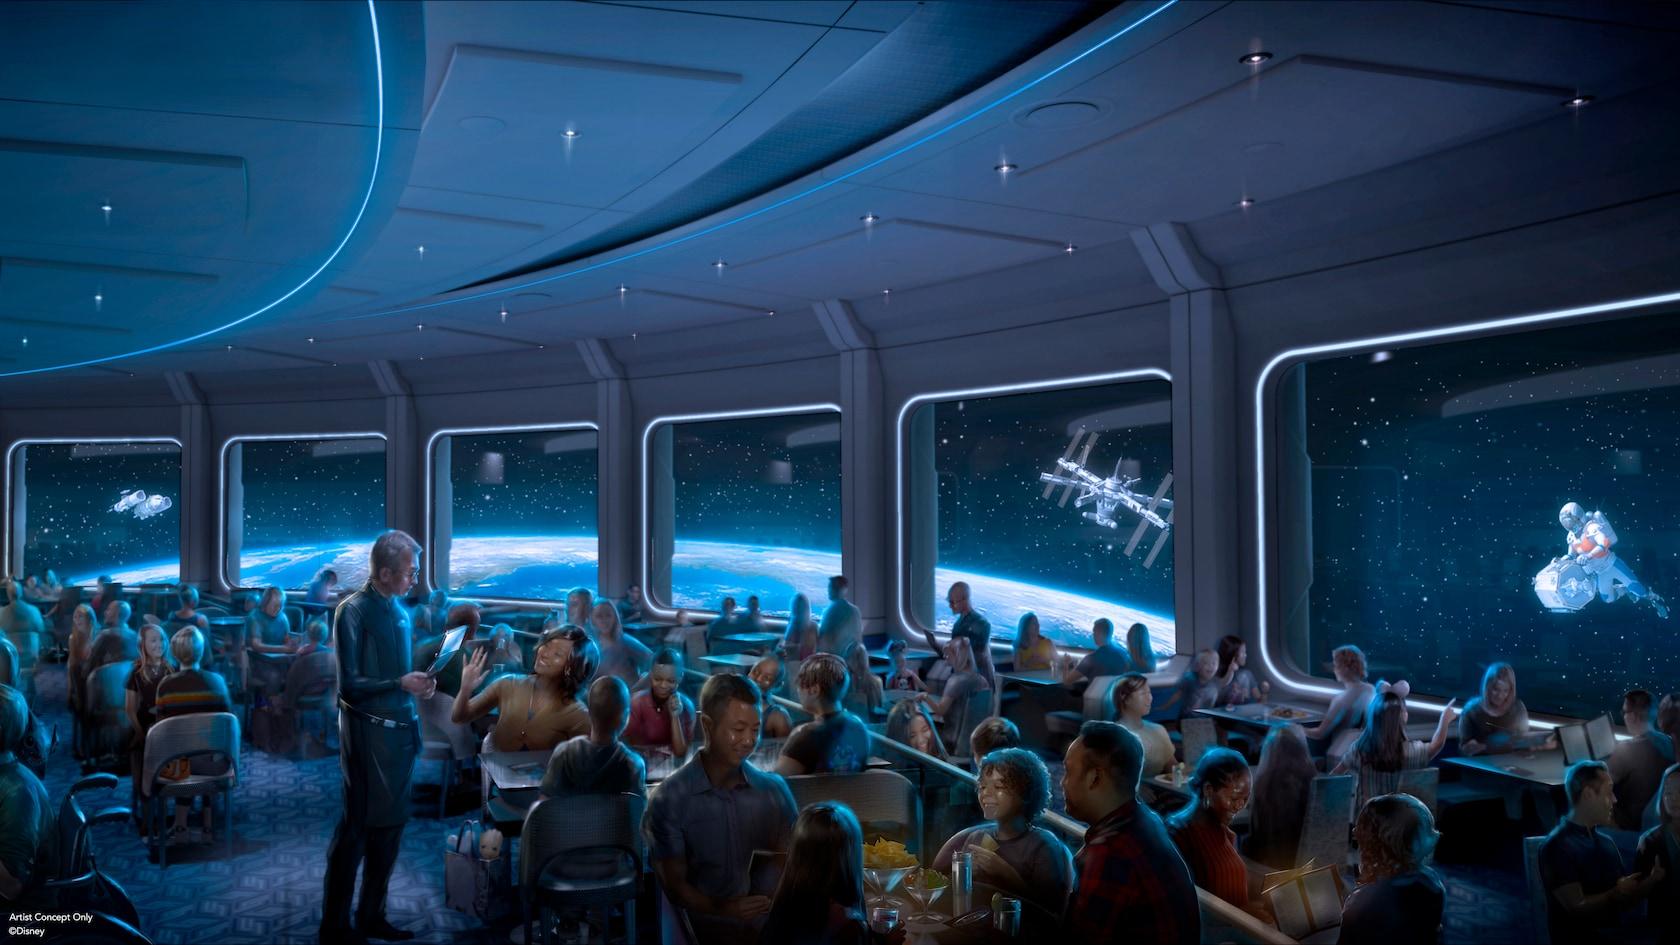 epcot-space-220-restaurant-render-16x9.jpg